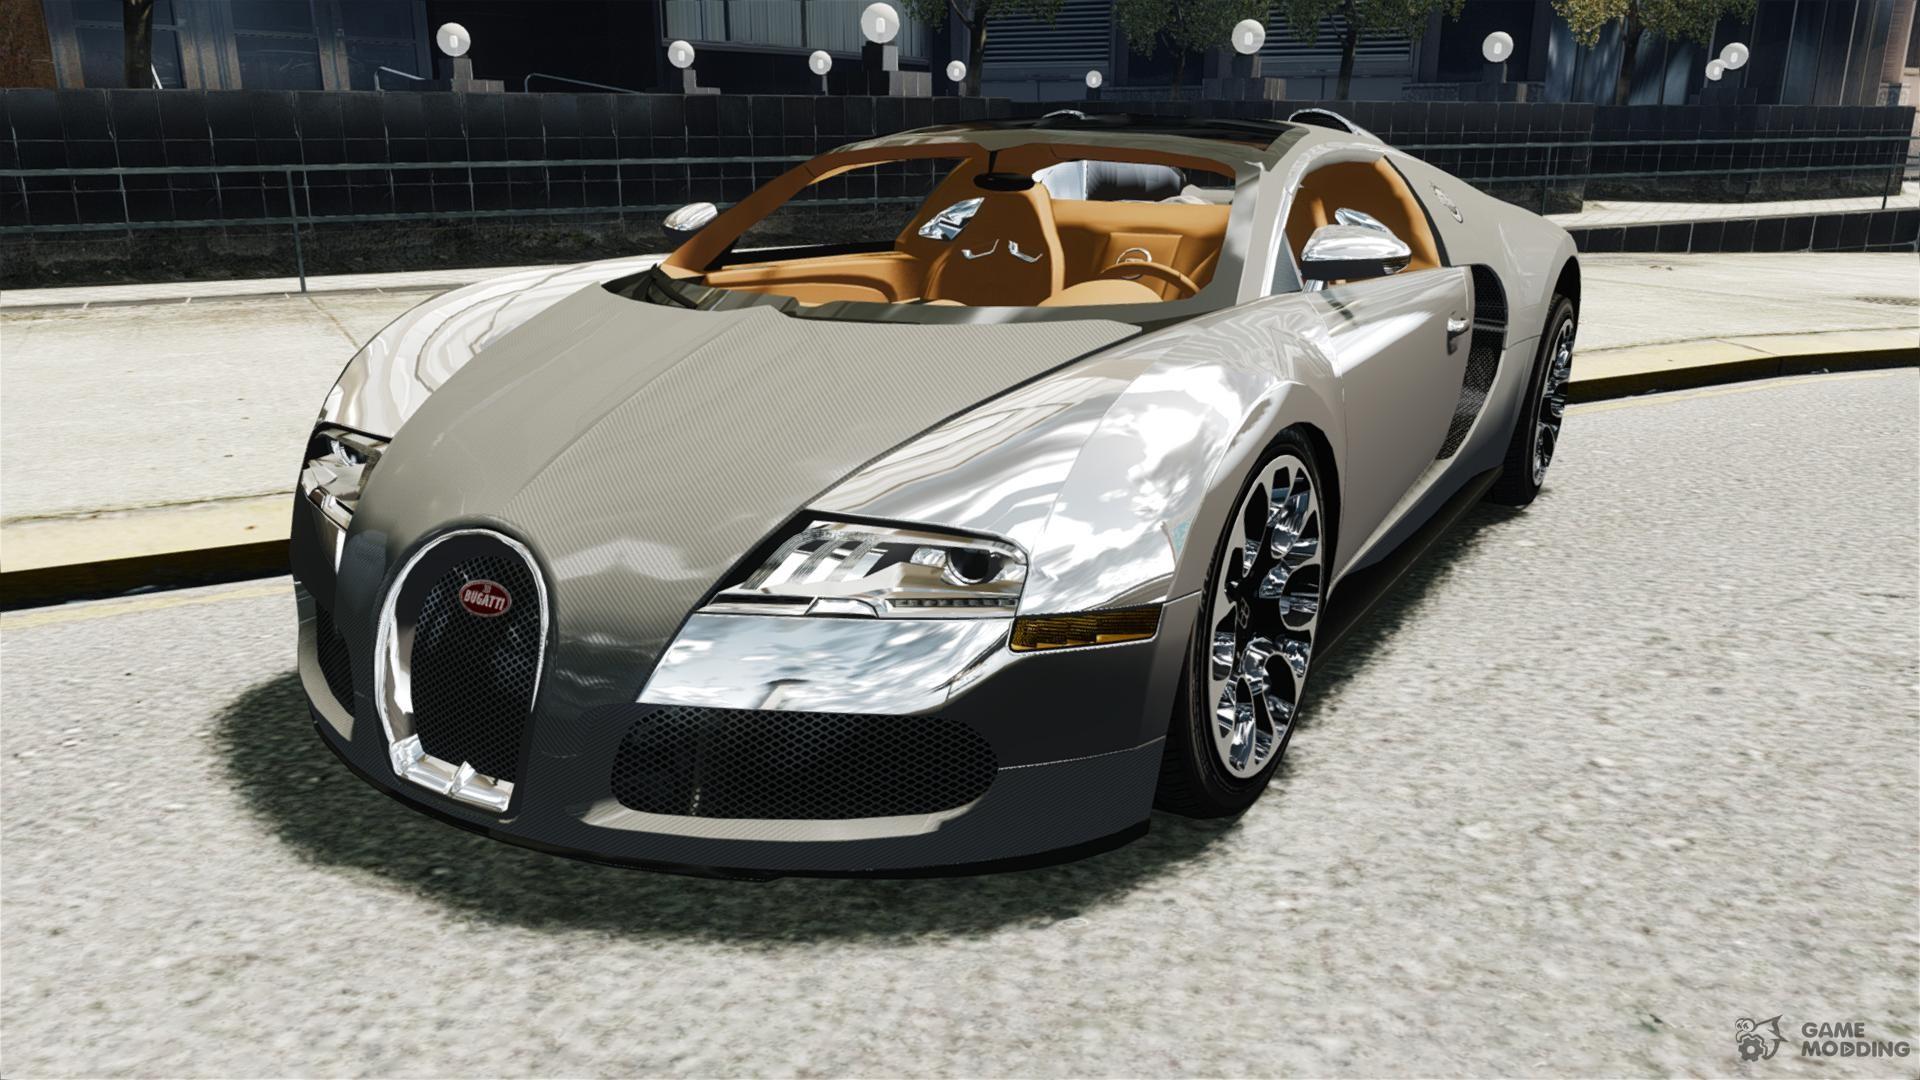 veyron grand sport sang bleu 2009 epm for gta 4 #0: d f486b6b2d38c41d b9b bb0be7eac c ce1f18c52b